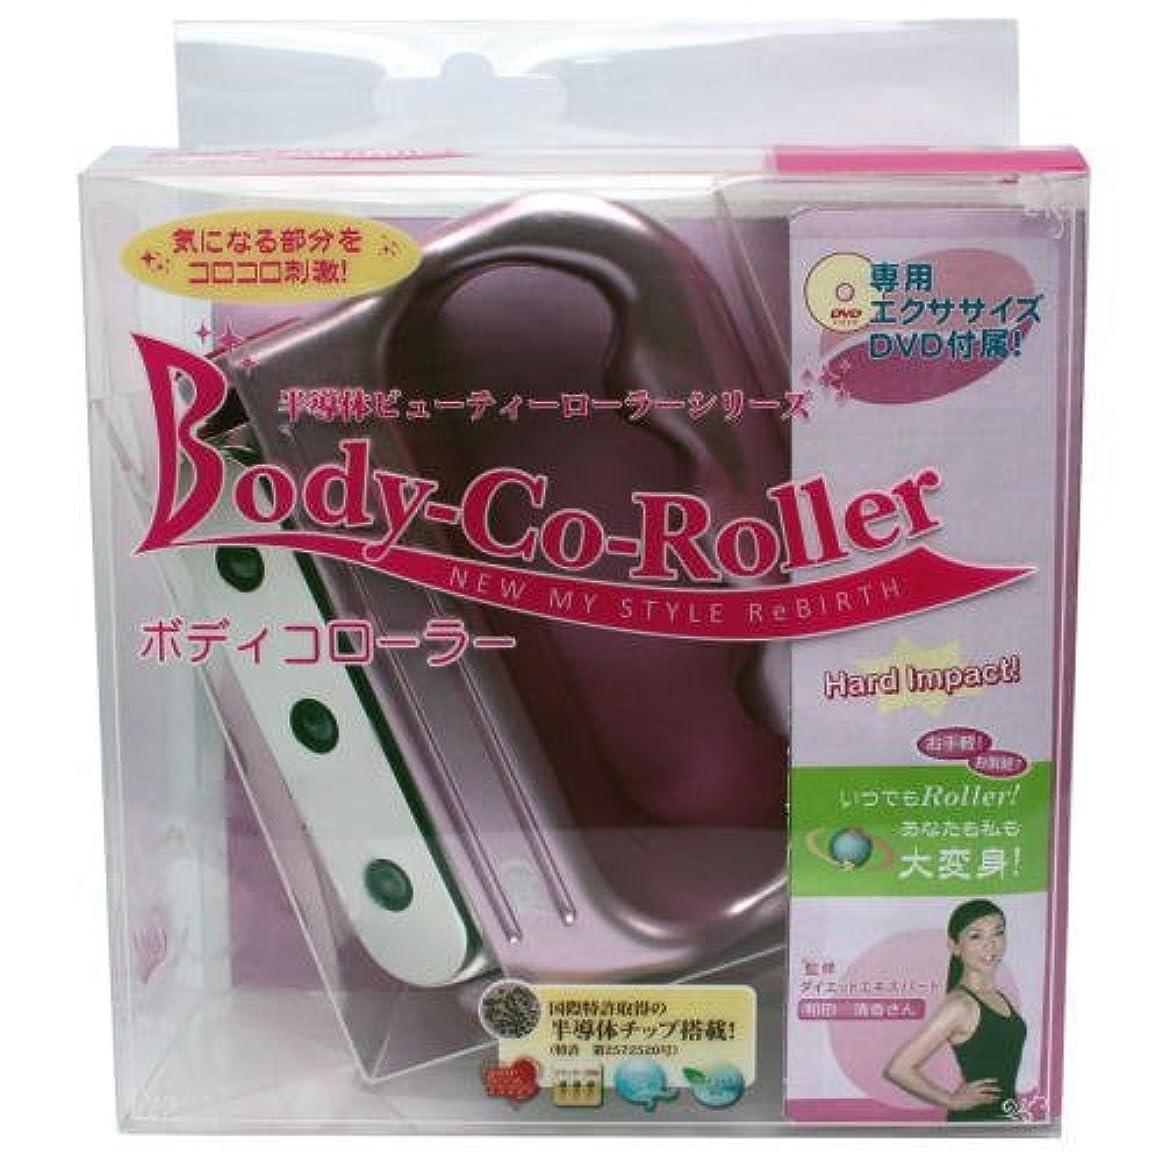 グループルビー木材ボディコローラー BCR-PS DVD付モデル